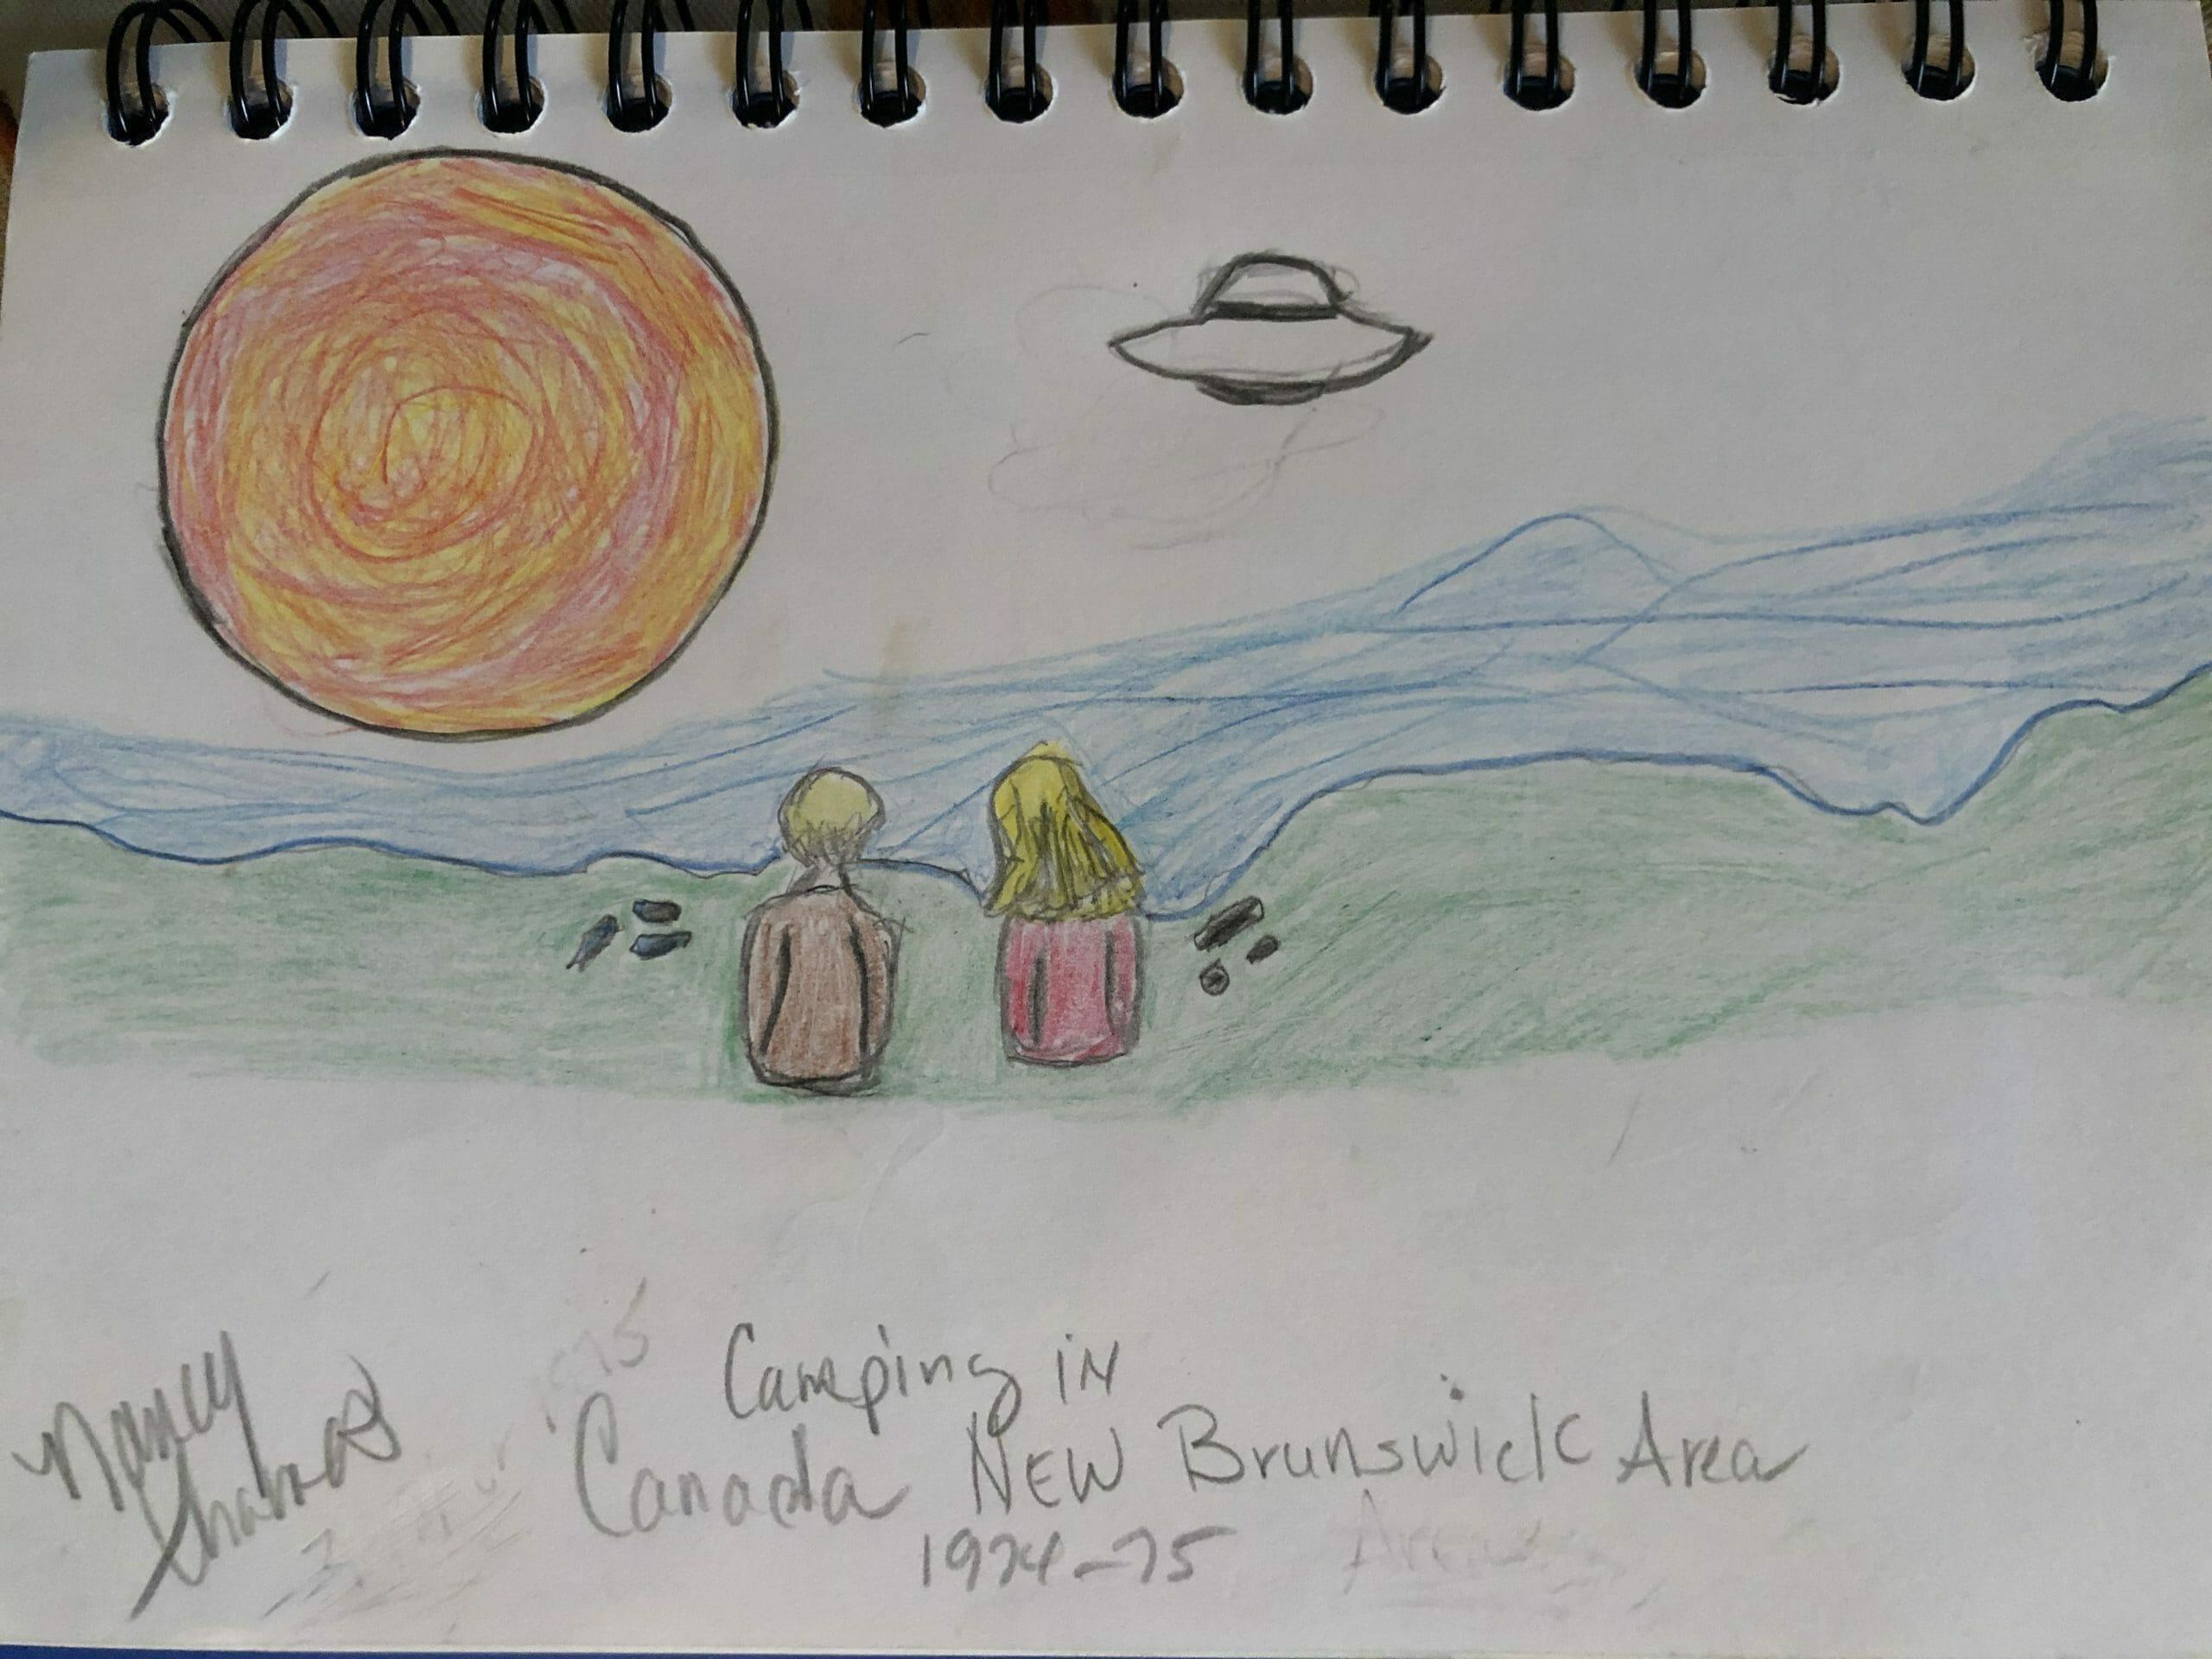 My UFO encounter in Canada